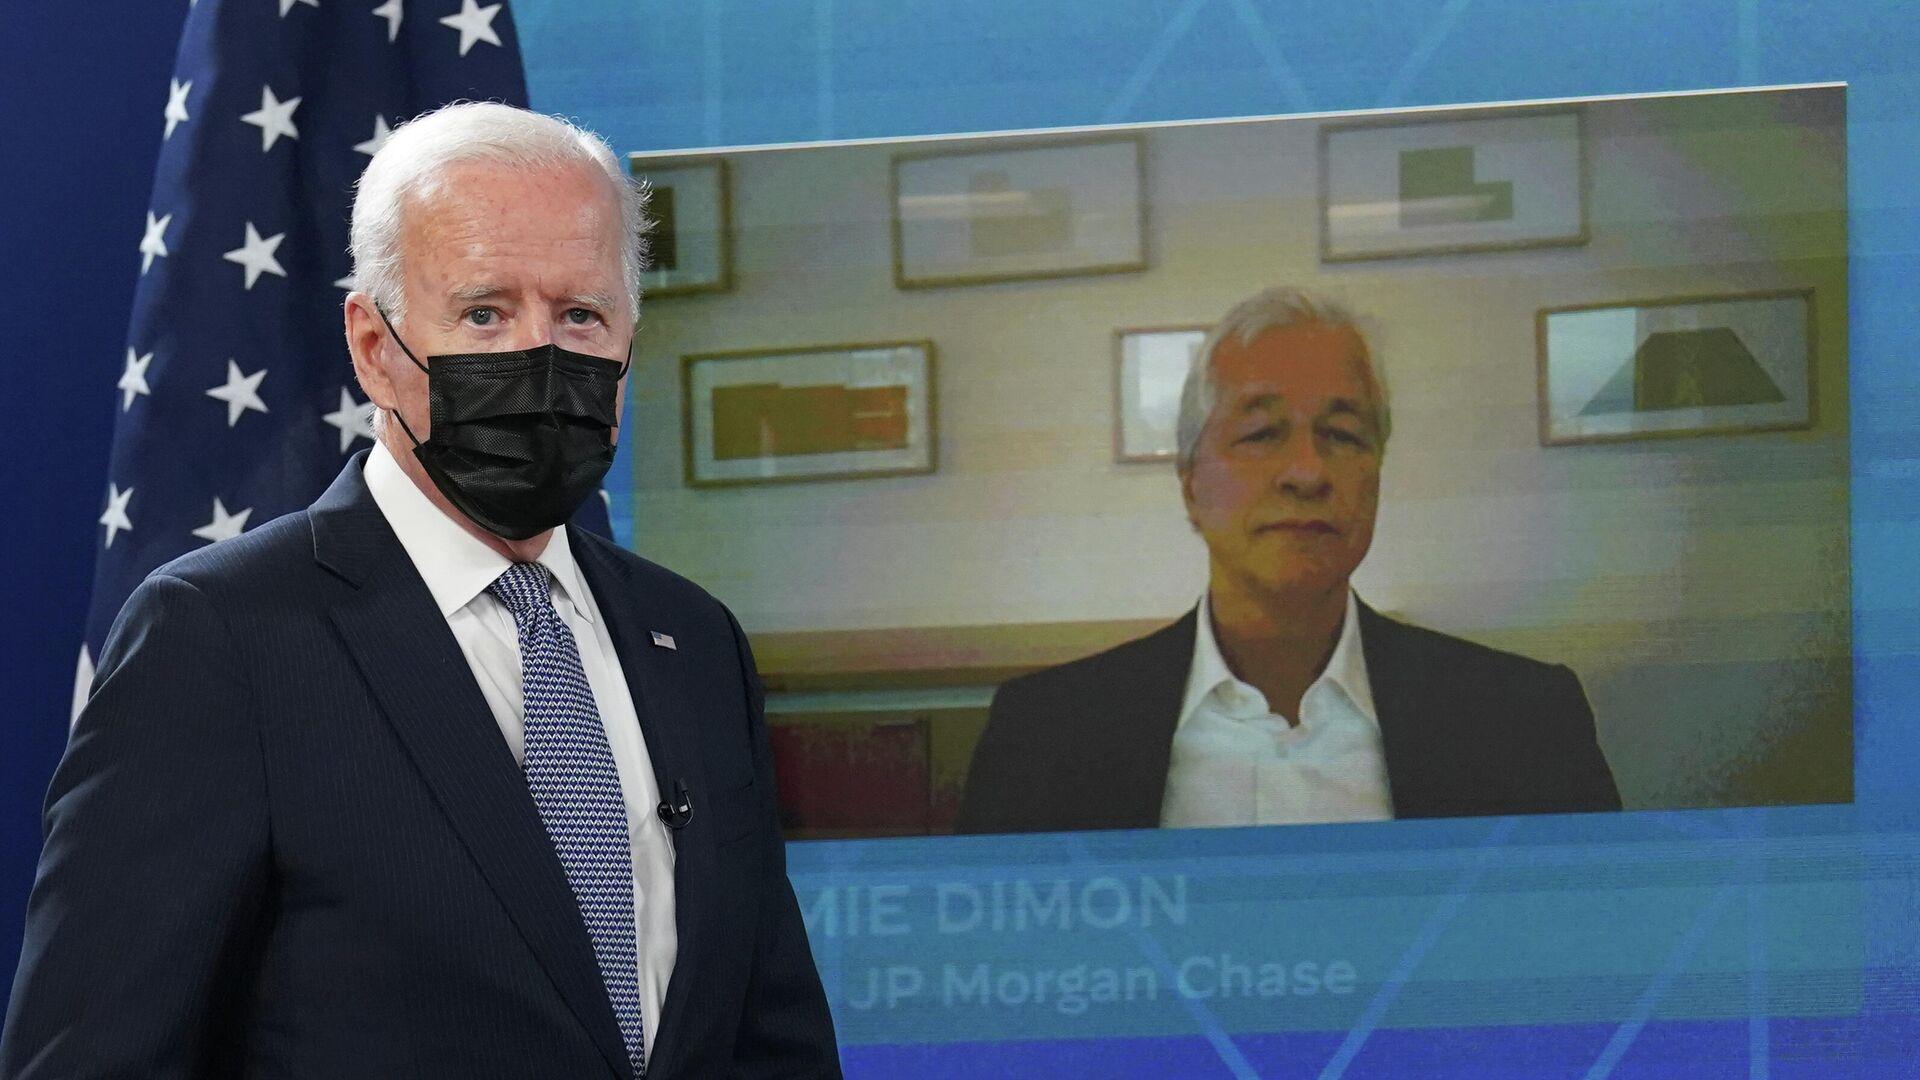 Una reunión virtual del director ejecutivo deJPMorgan Chase, Jamie Dimon, con el presidente Joe Biden - Sputnik Mundo, 1920, 06.10.2021